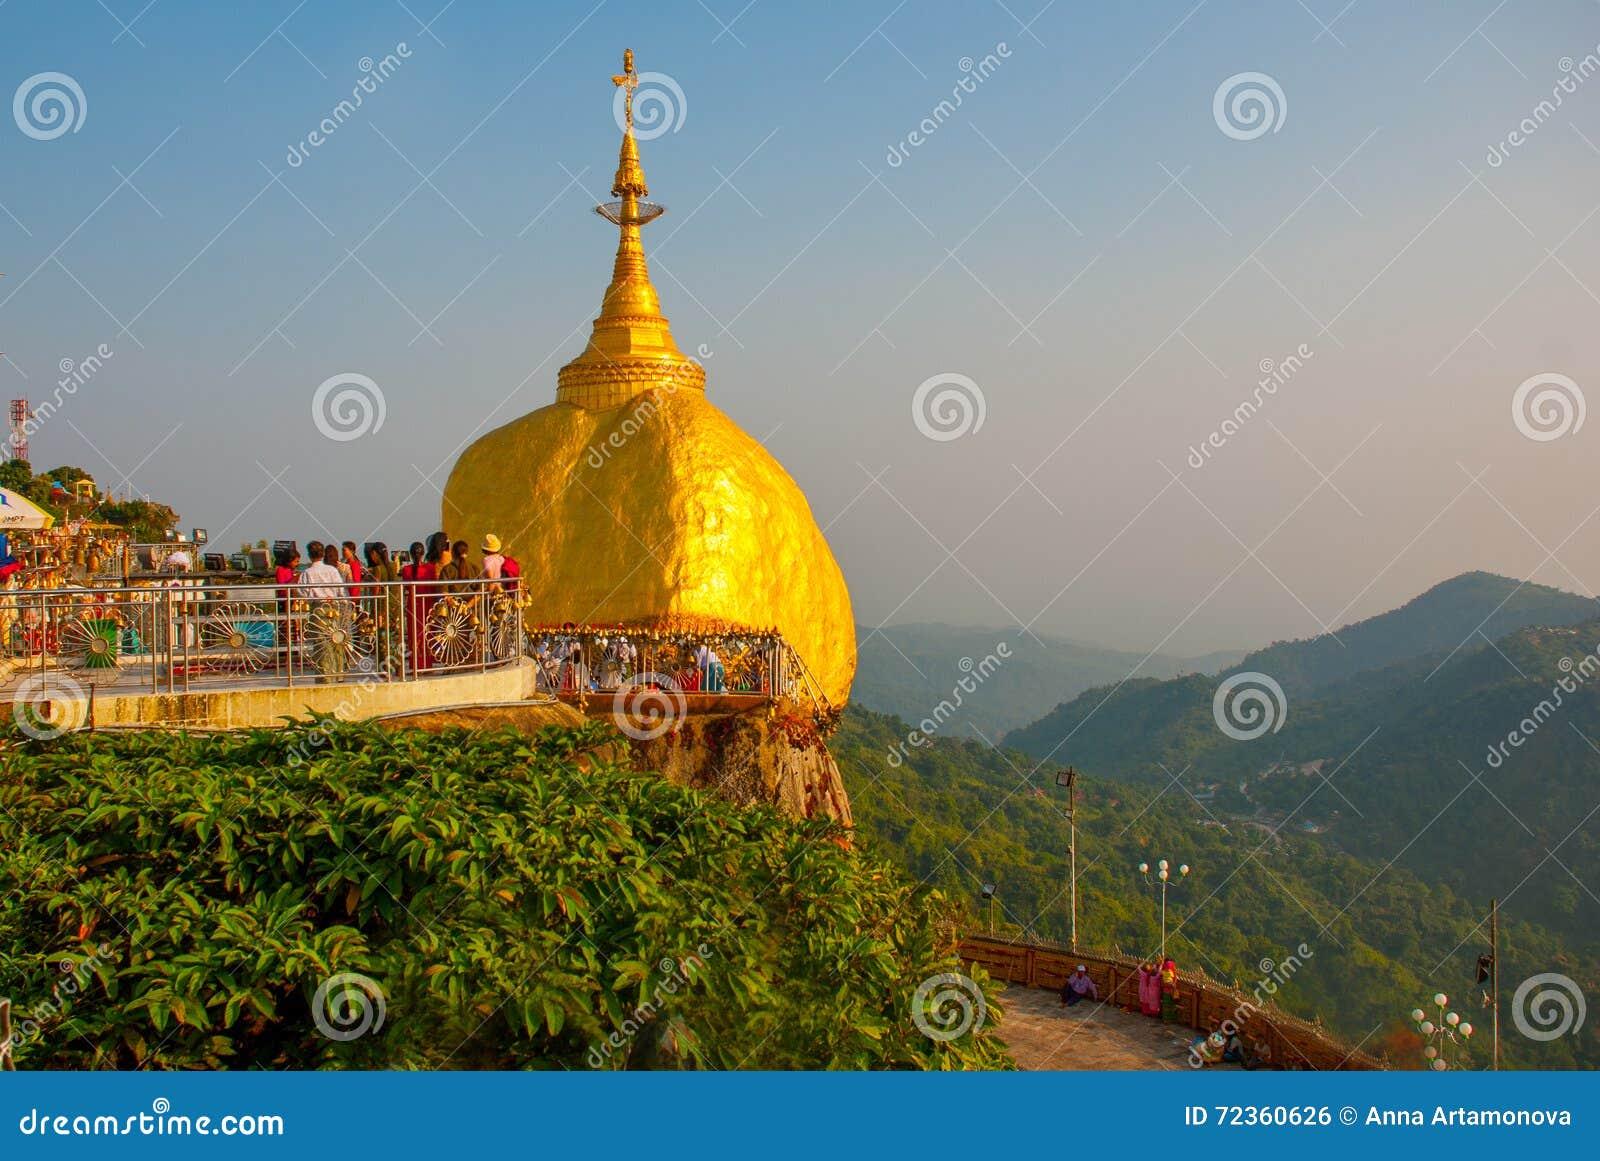 金黄岩石或Kyaiktiyo塔有蓝天背景,缅甸